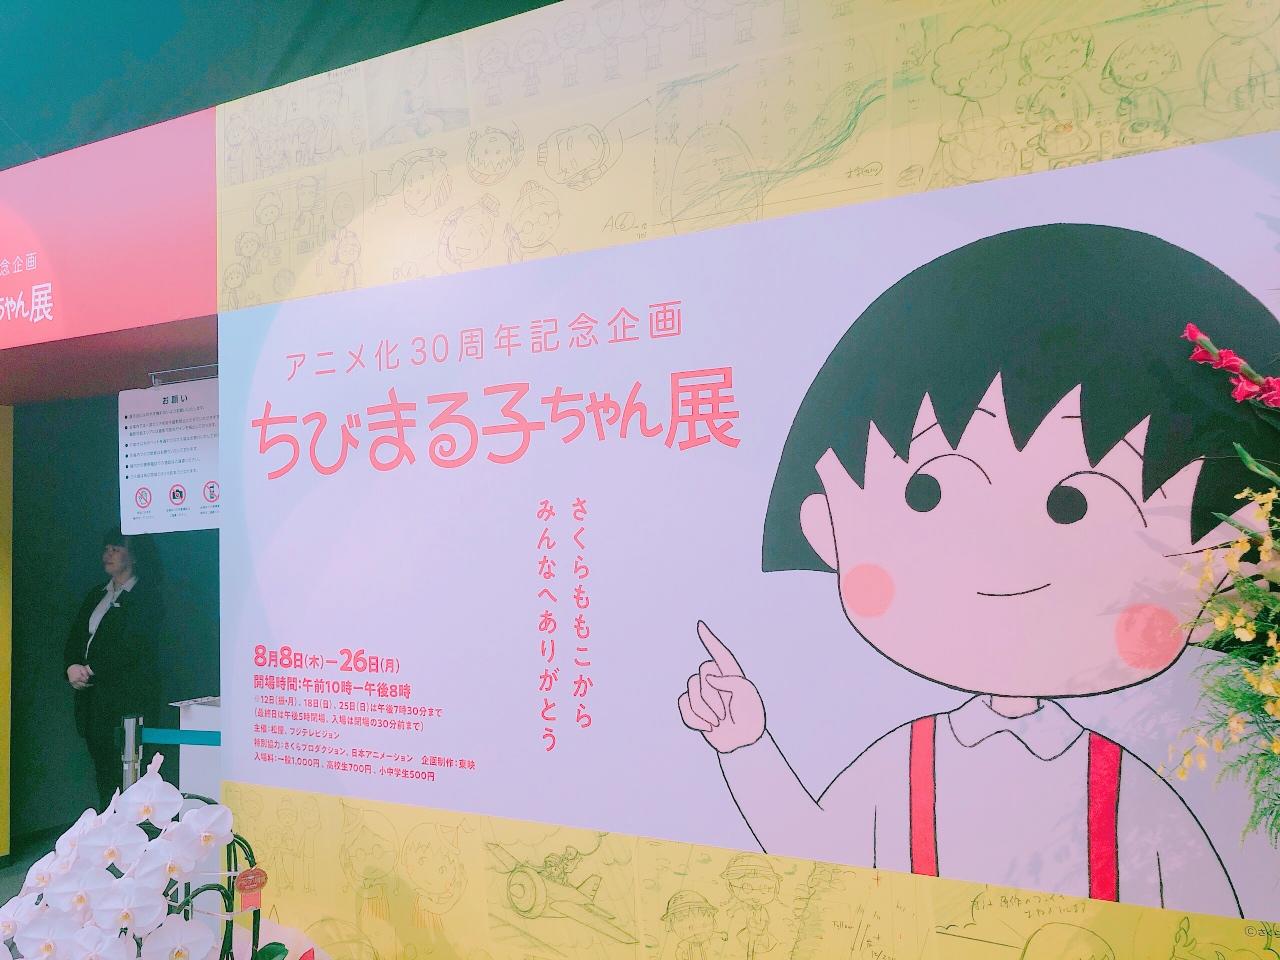 【松屋銀座特別イベント】ちびまる子ちゃん展とケアベア展に行ってきました(^^)_1